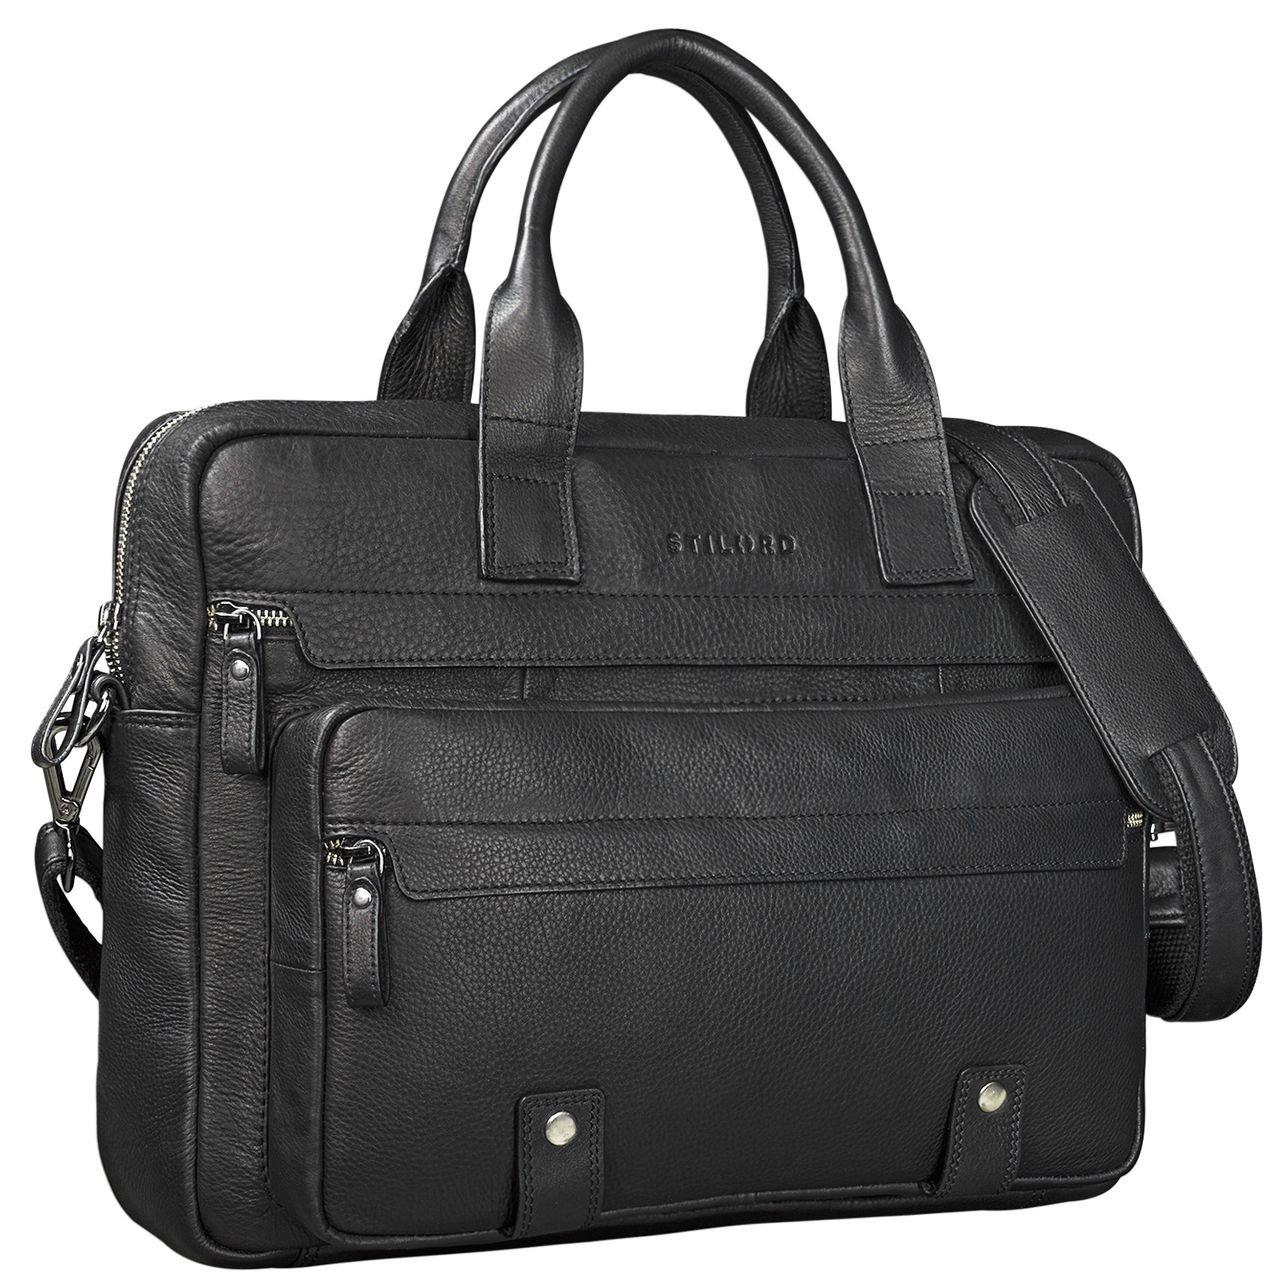 Color:Kara Cognac STILORD Leander Bolsa de Negocios o malet/ín para port/átil de 15.6 Bolso de Piel para Trabajo de Hombres y Mujeres Bolsa Mensajero de Cuero aut/éntico